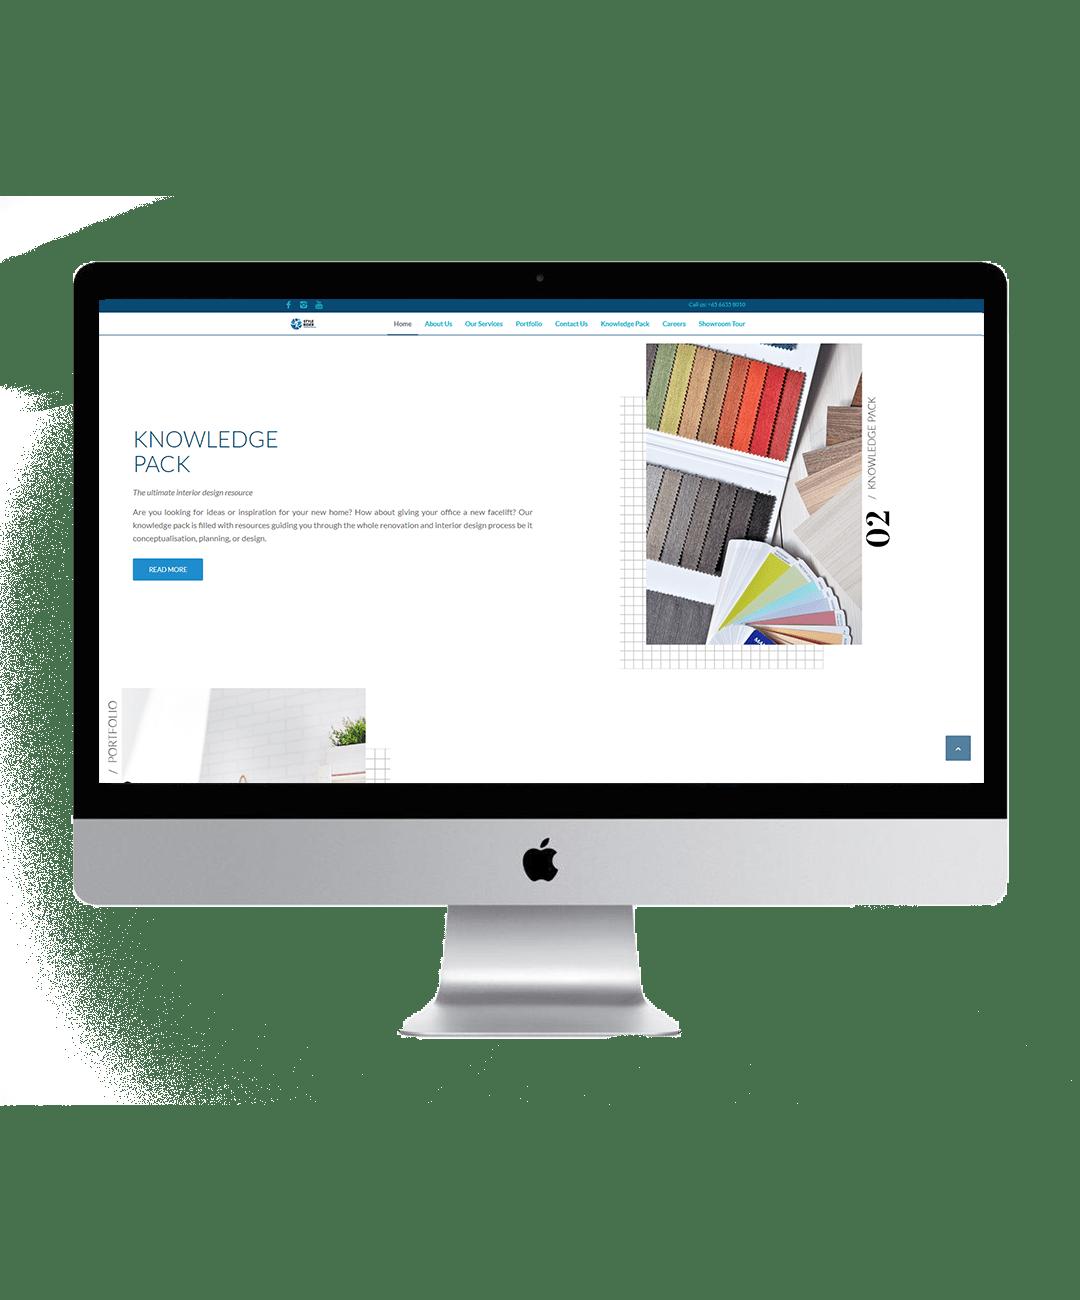 stylerider website showcase 2